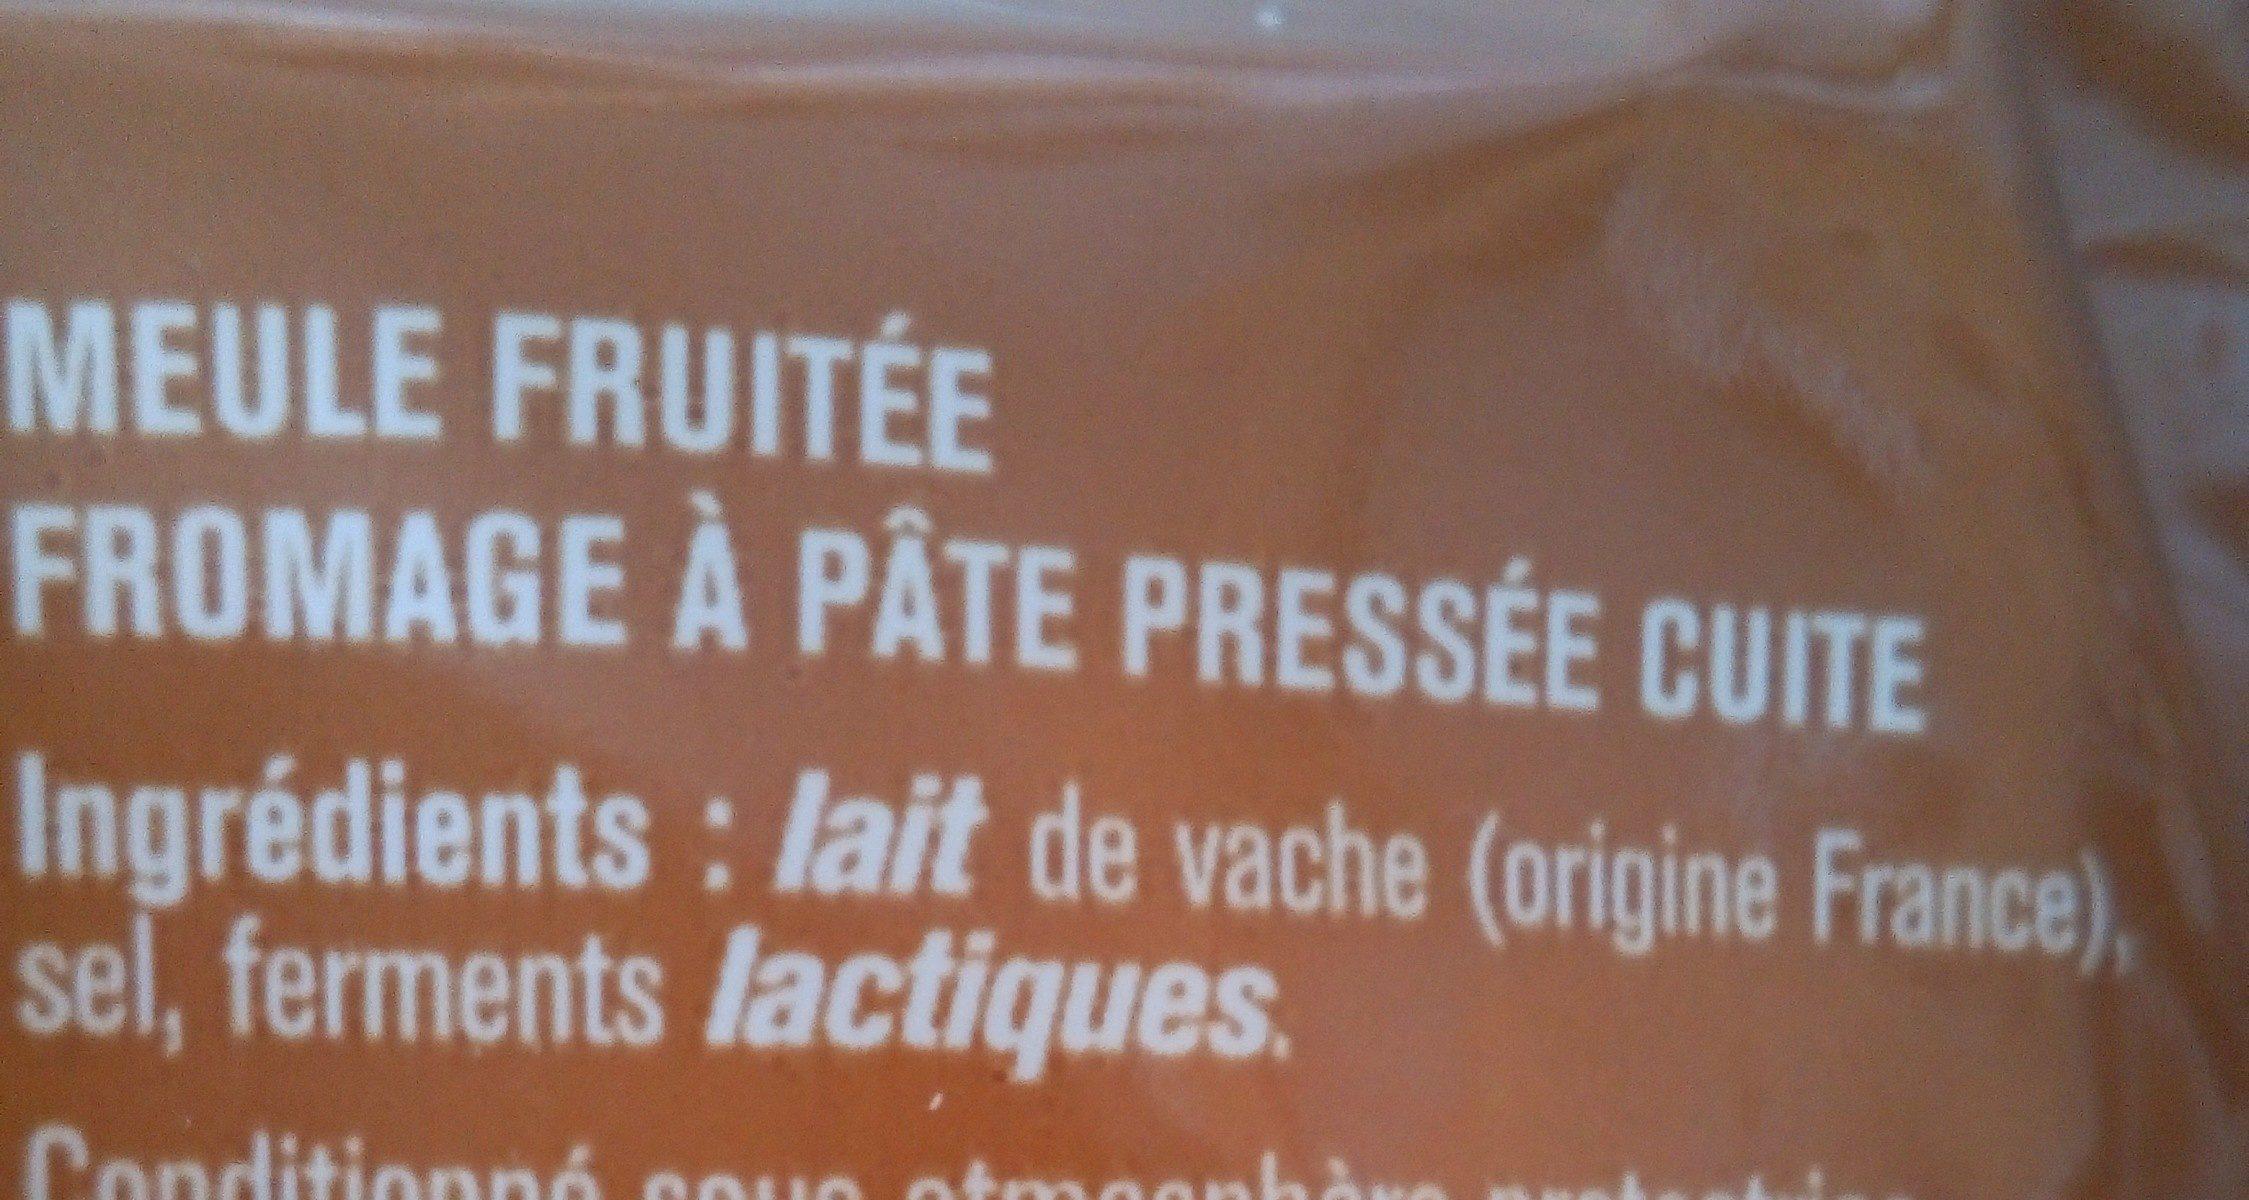 Meule fruitée - Ingredienti - fr